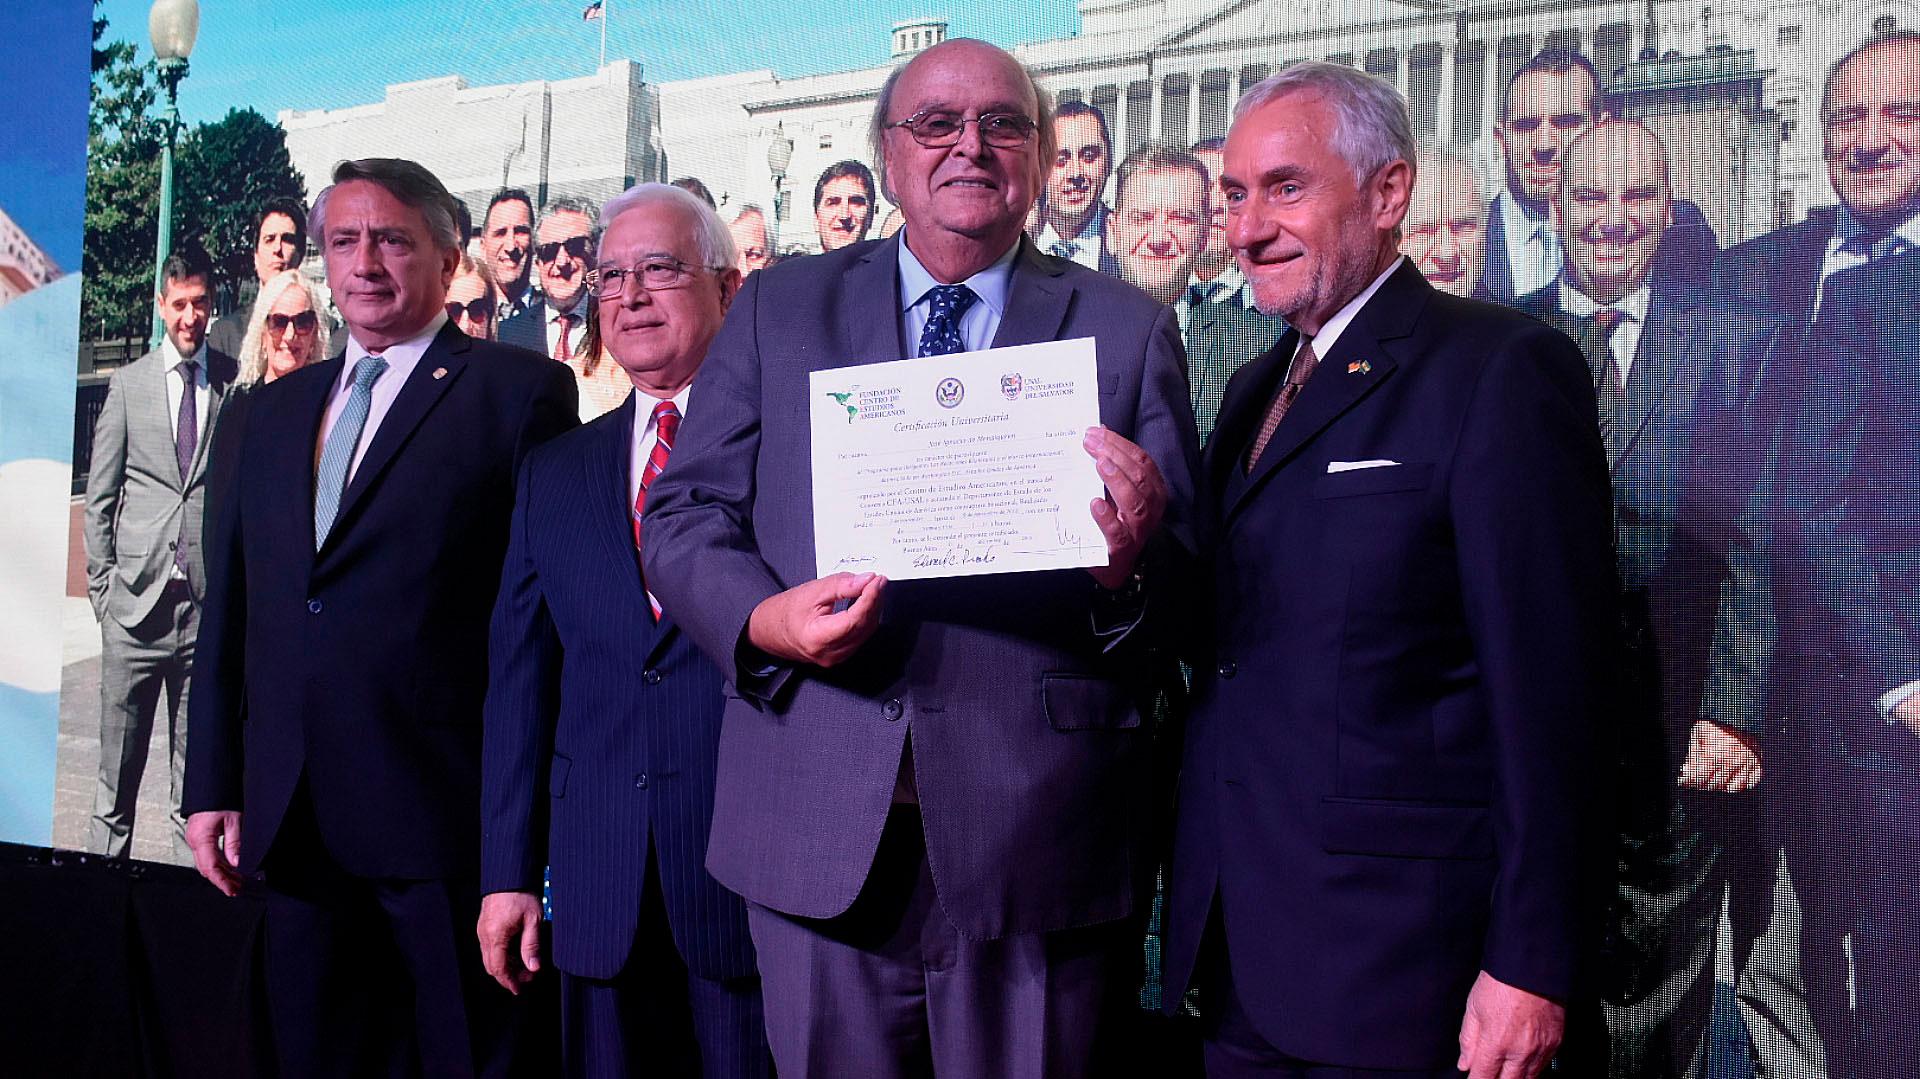 El diputado José Ignacio de Mendiguren fue uno de los distinguidos por el CEA